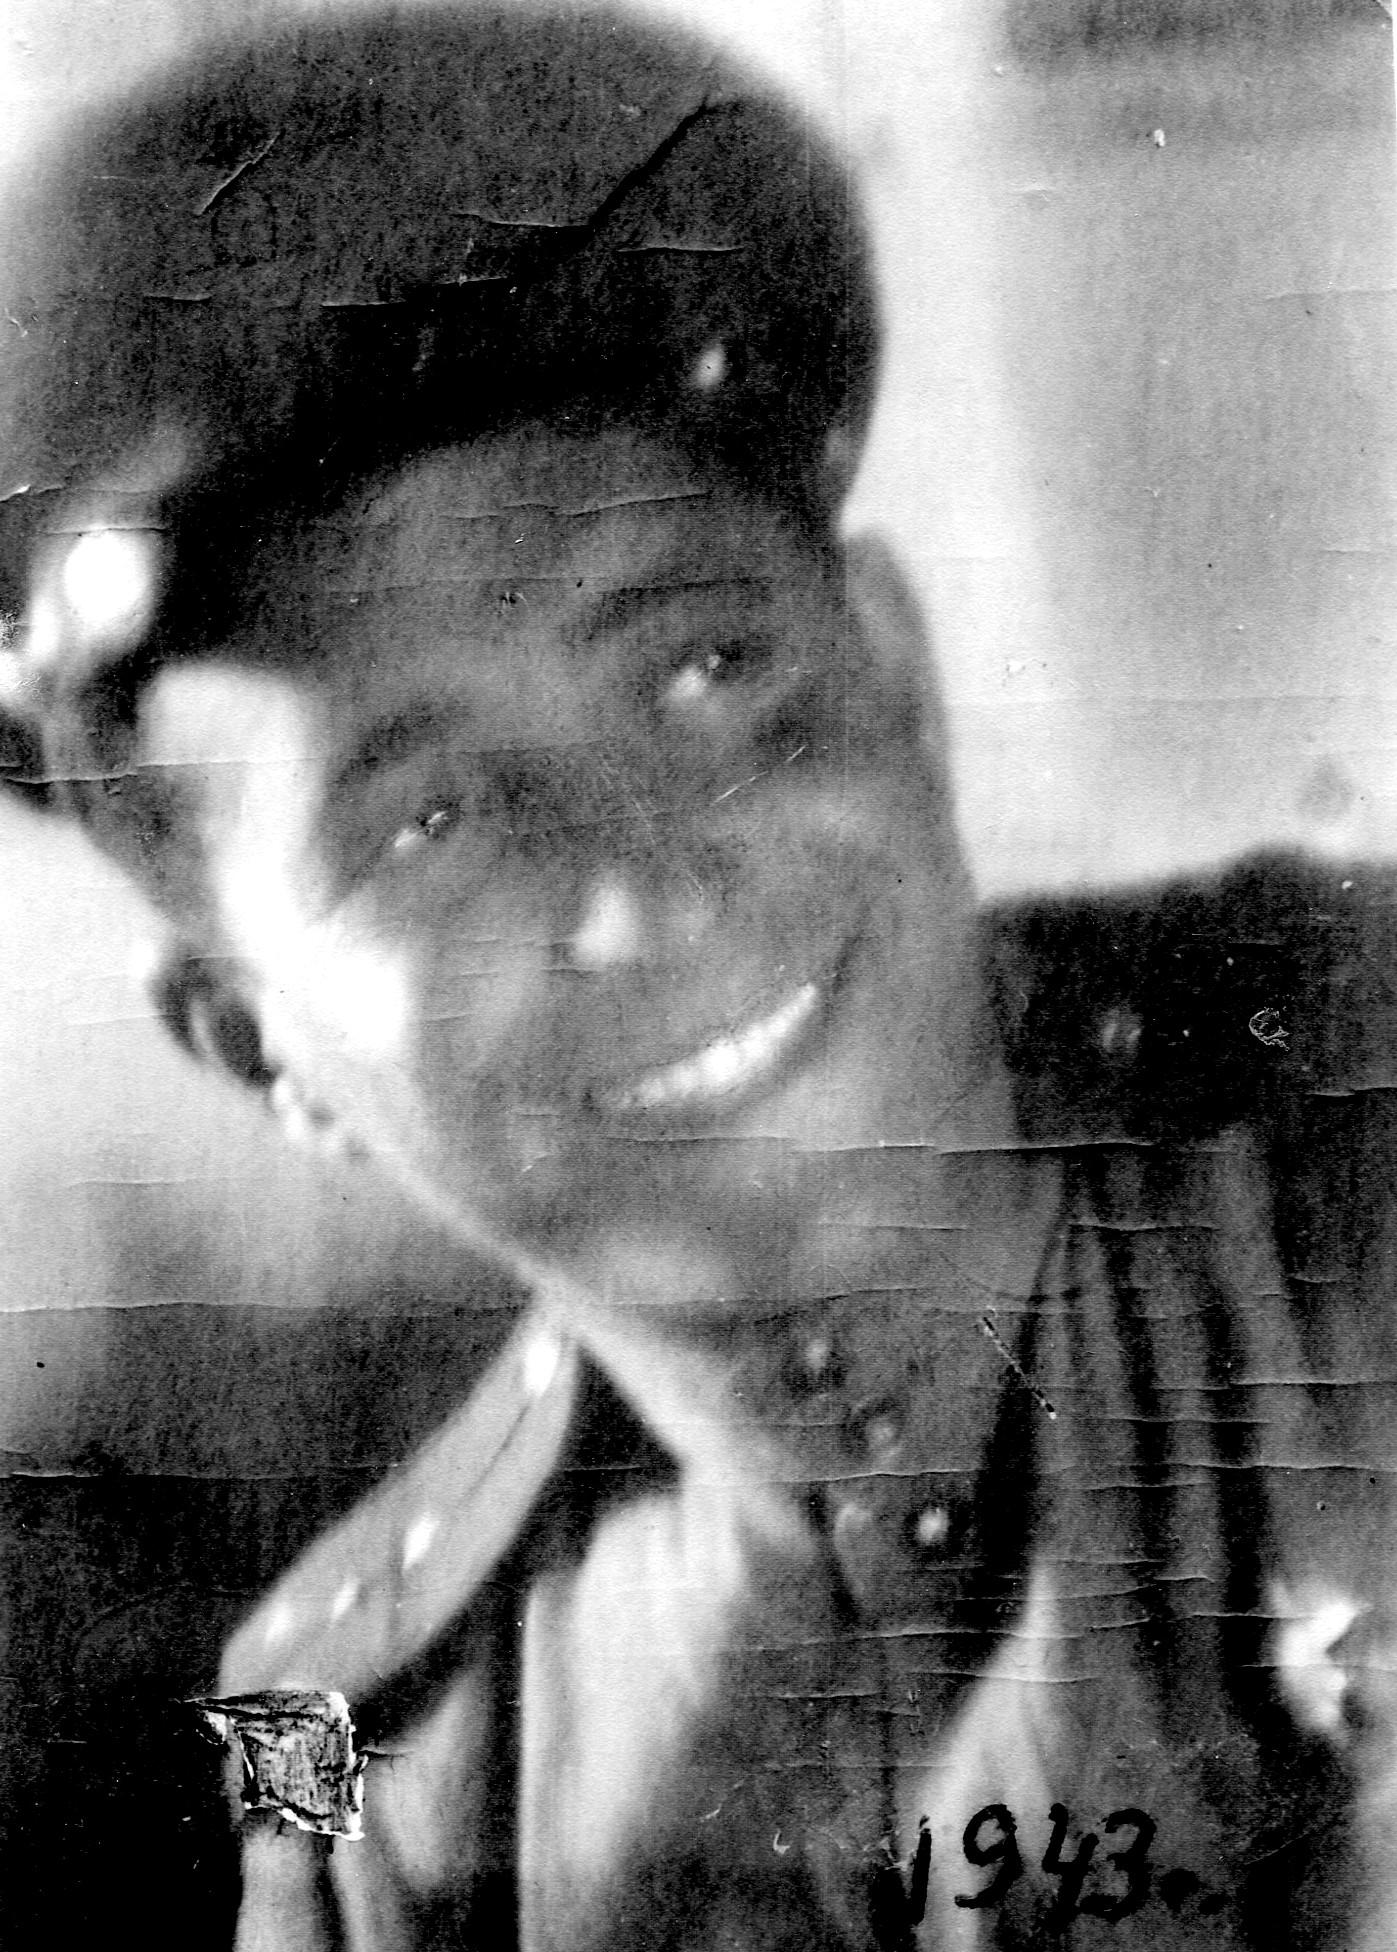 Экспонат #1. Военный кинооператор Михаил Посельский. 1943 год